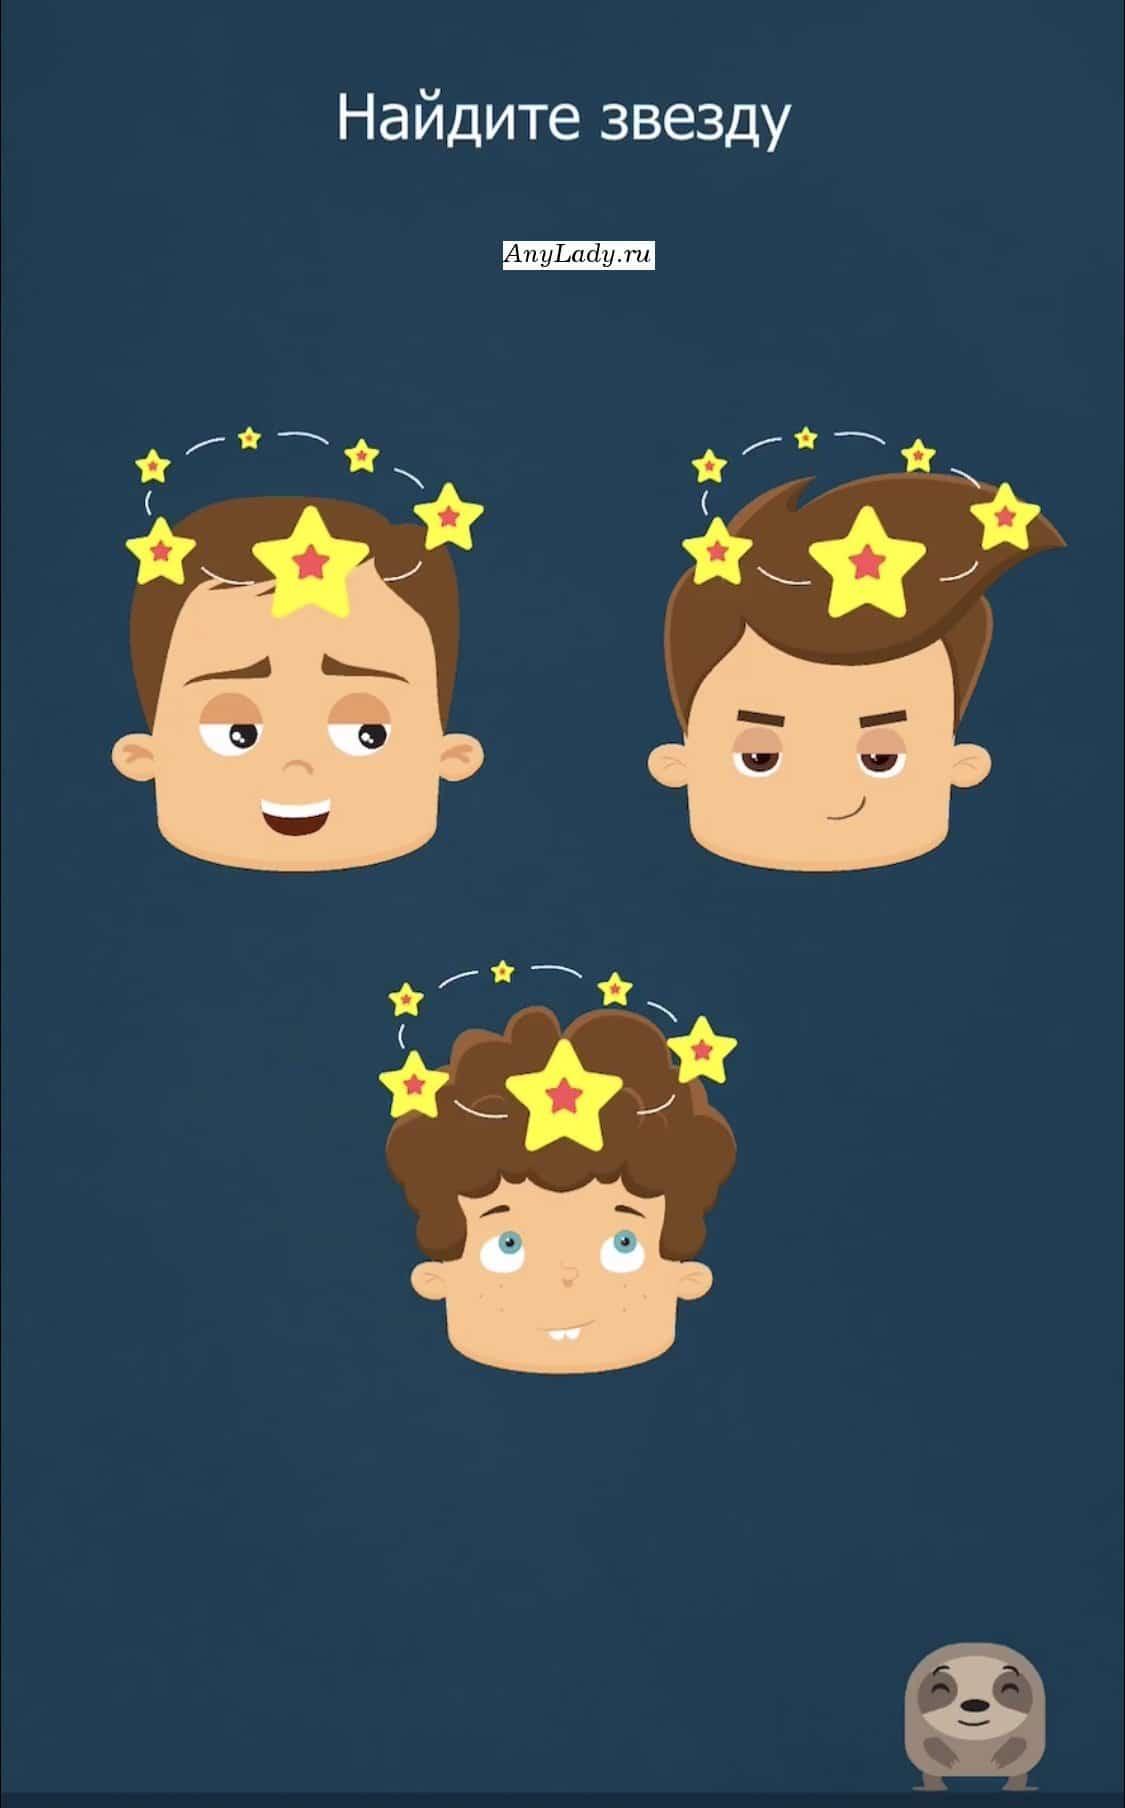 Круговыми движениями вращайте Ваш телефон и над головами ребят появятся звезды. Нажмите на любые из звездочек.